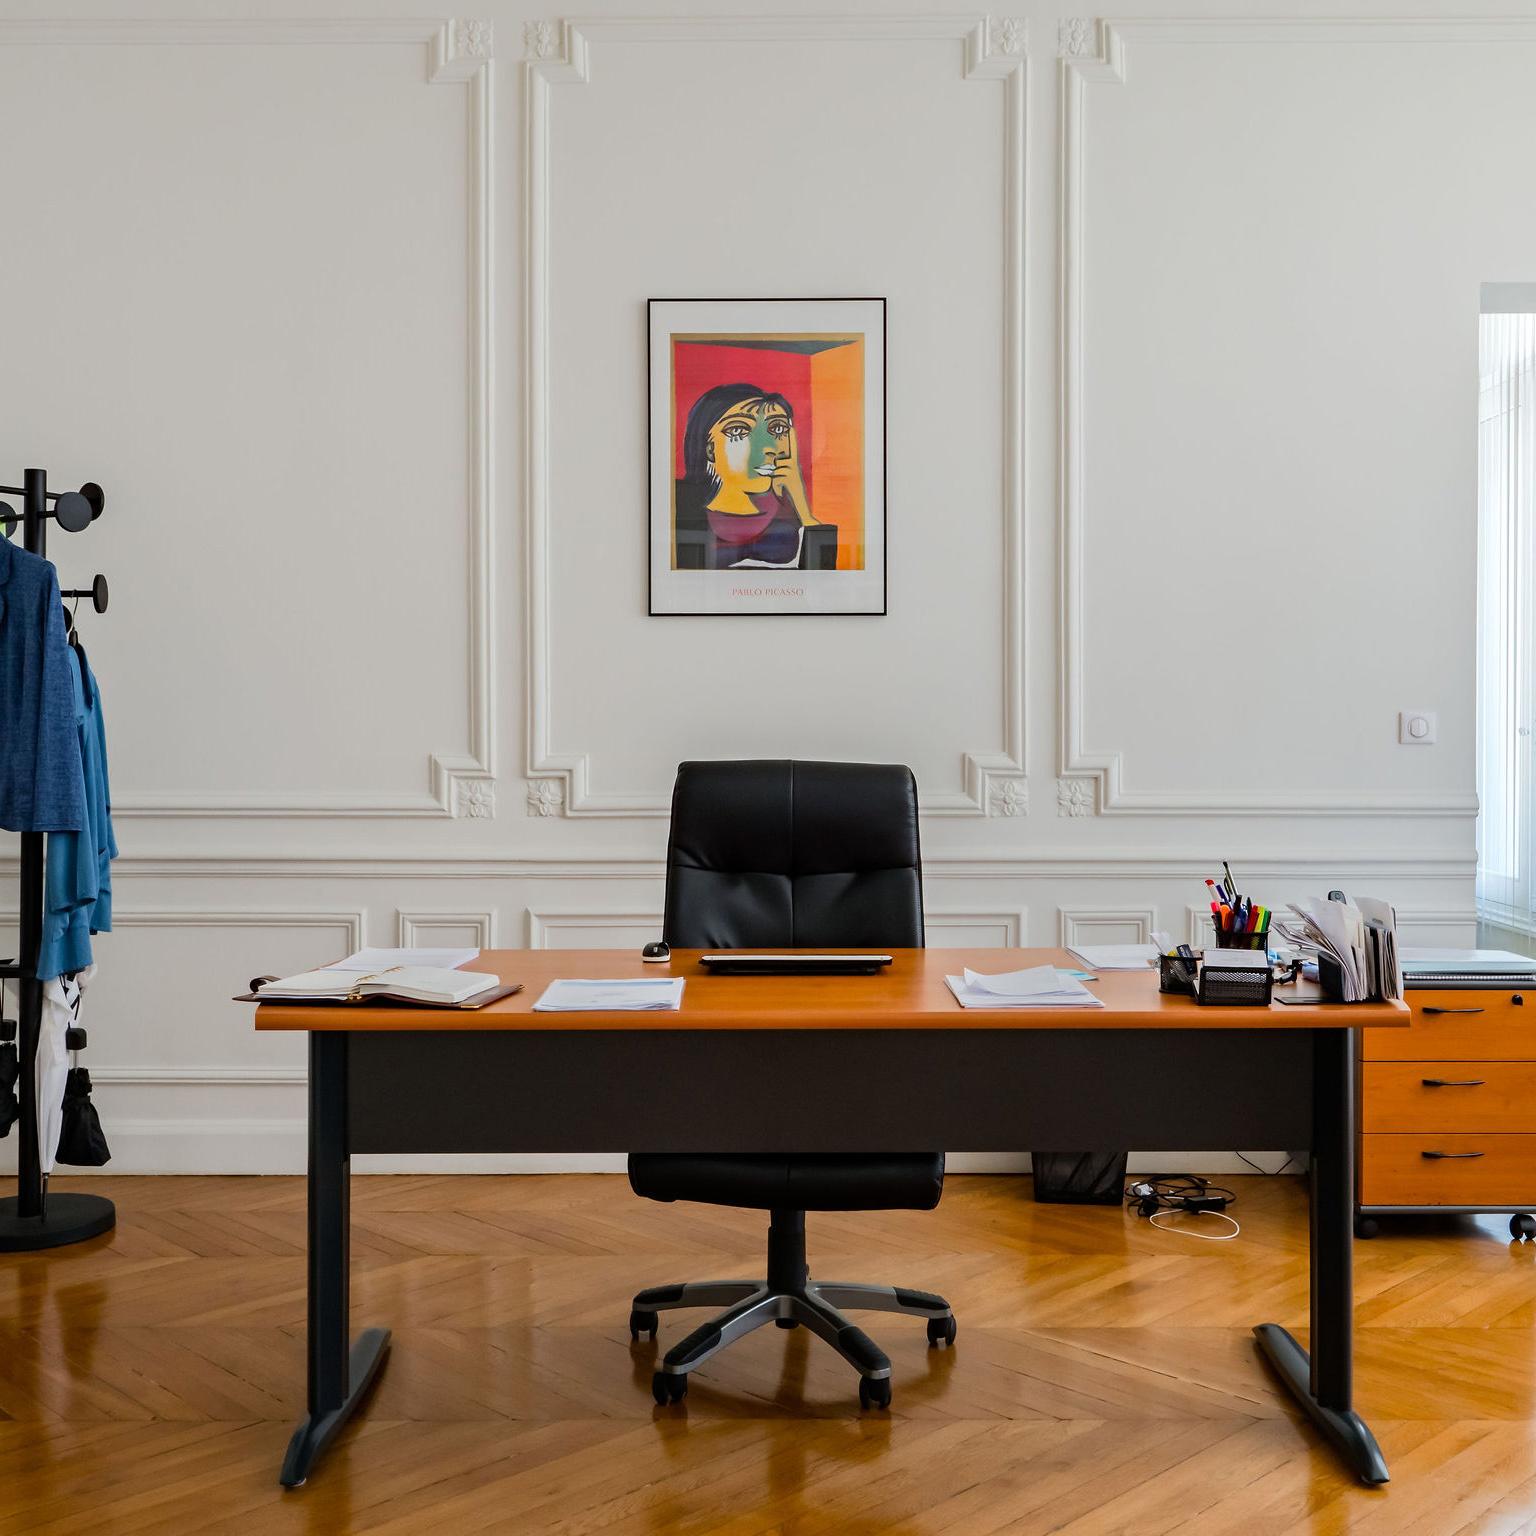 métier-bureau-fca-consulting-paris-immobilier-dsi